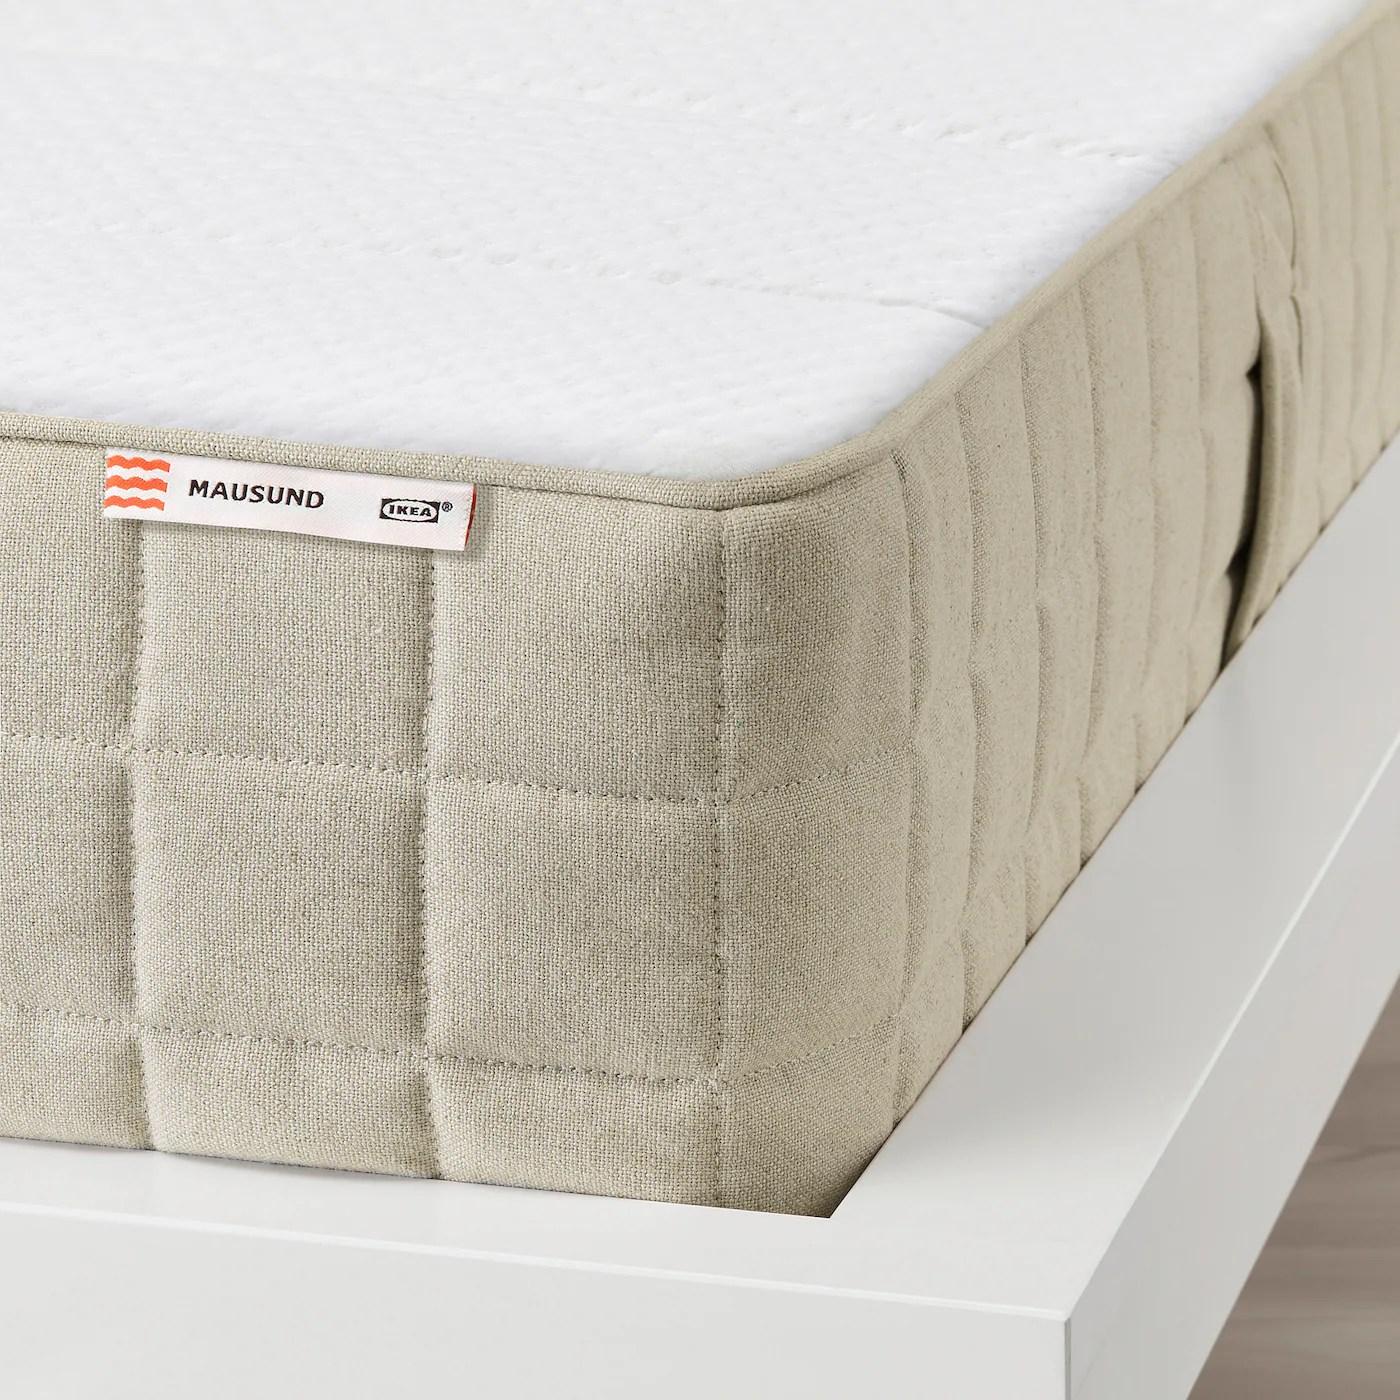 Mausund Matelas Latex Naturel Mi Ferme Naturel 160x200 Cm Ikea